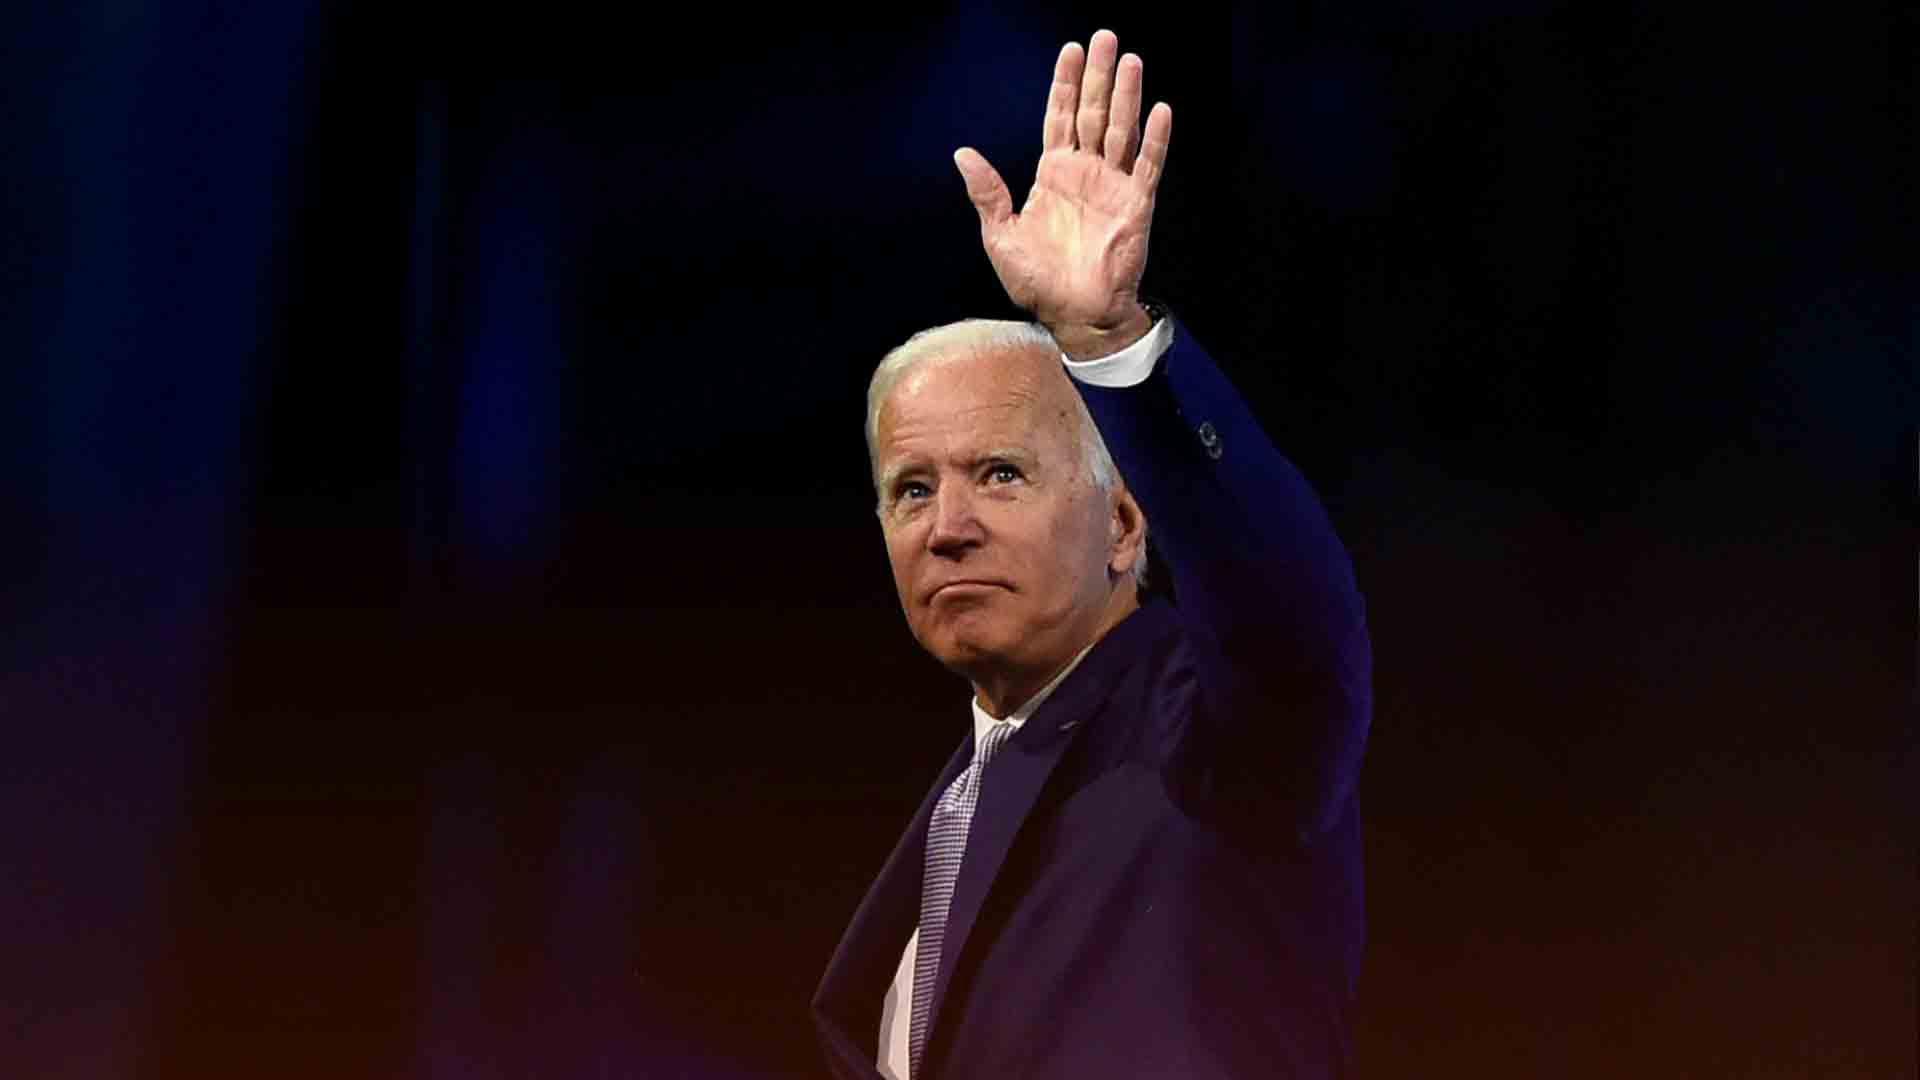 Joseph R Biden, Jr